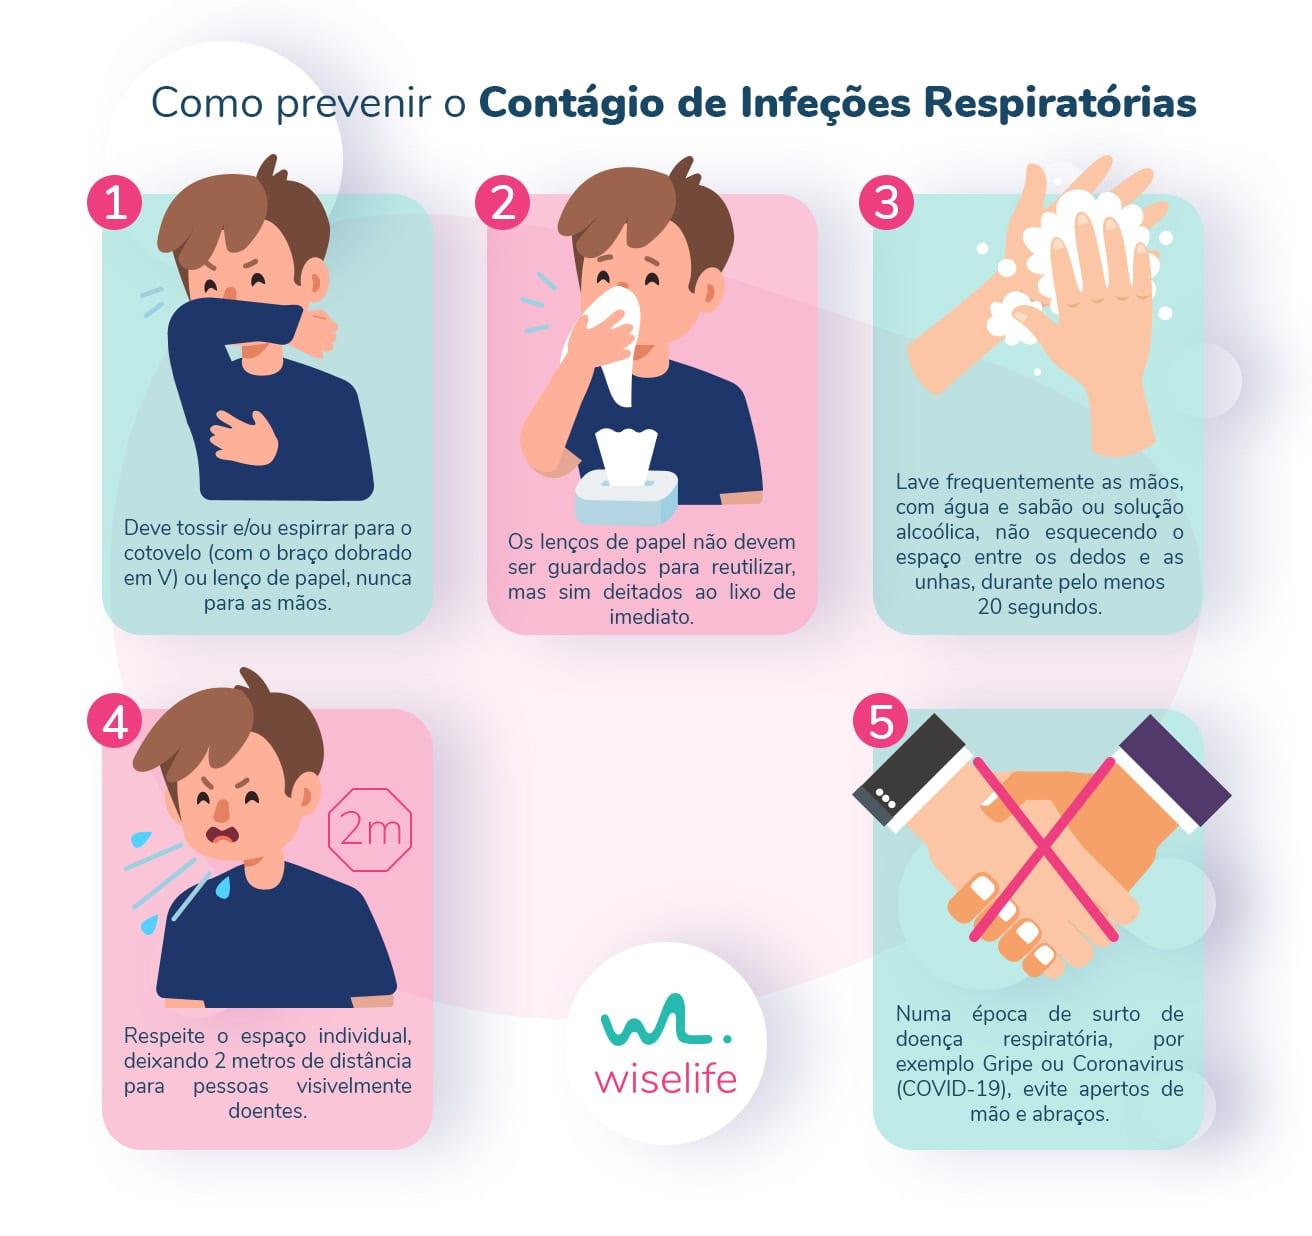 Como prevenir o contágio de infeções respiratórias